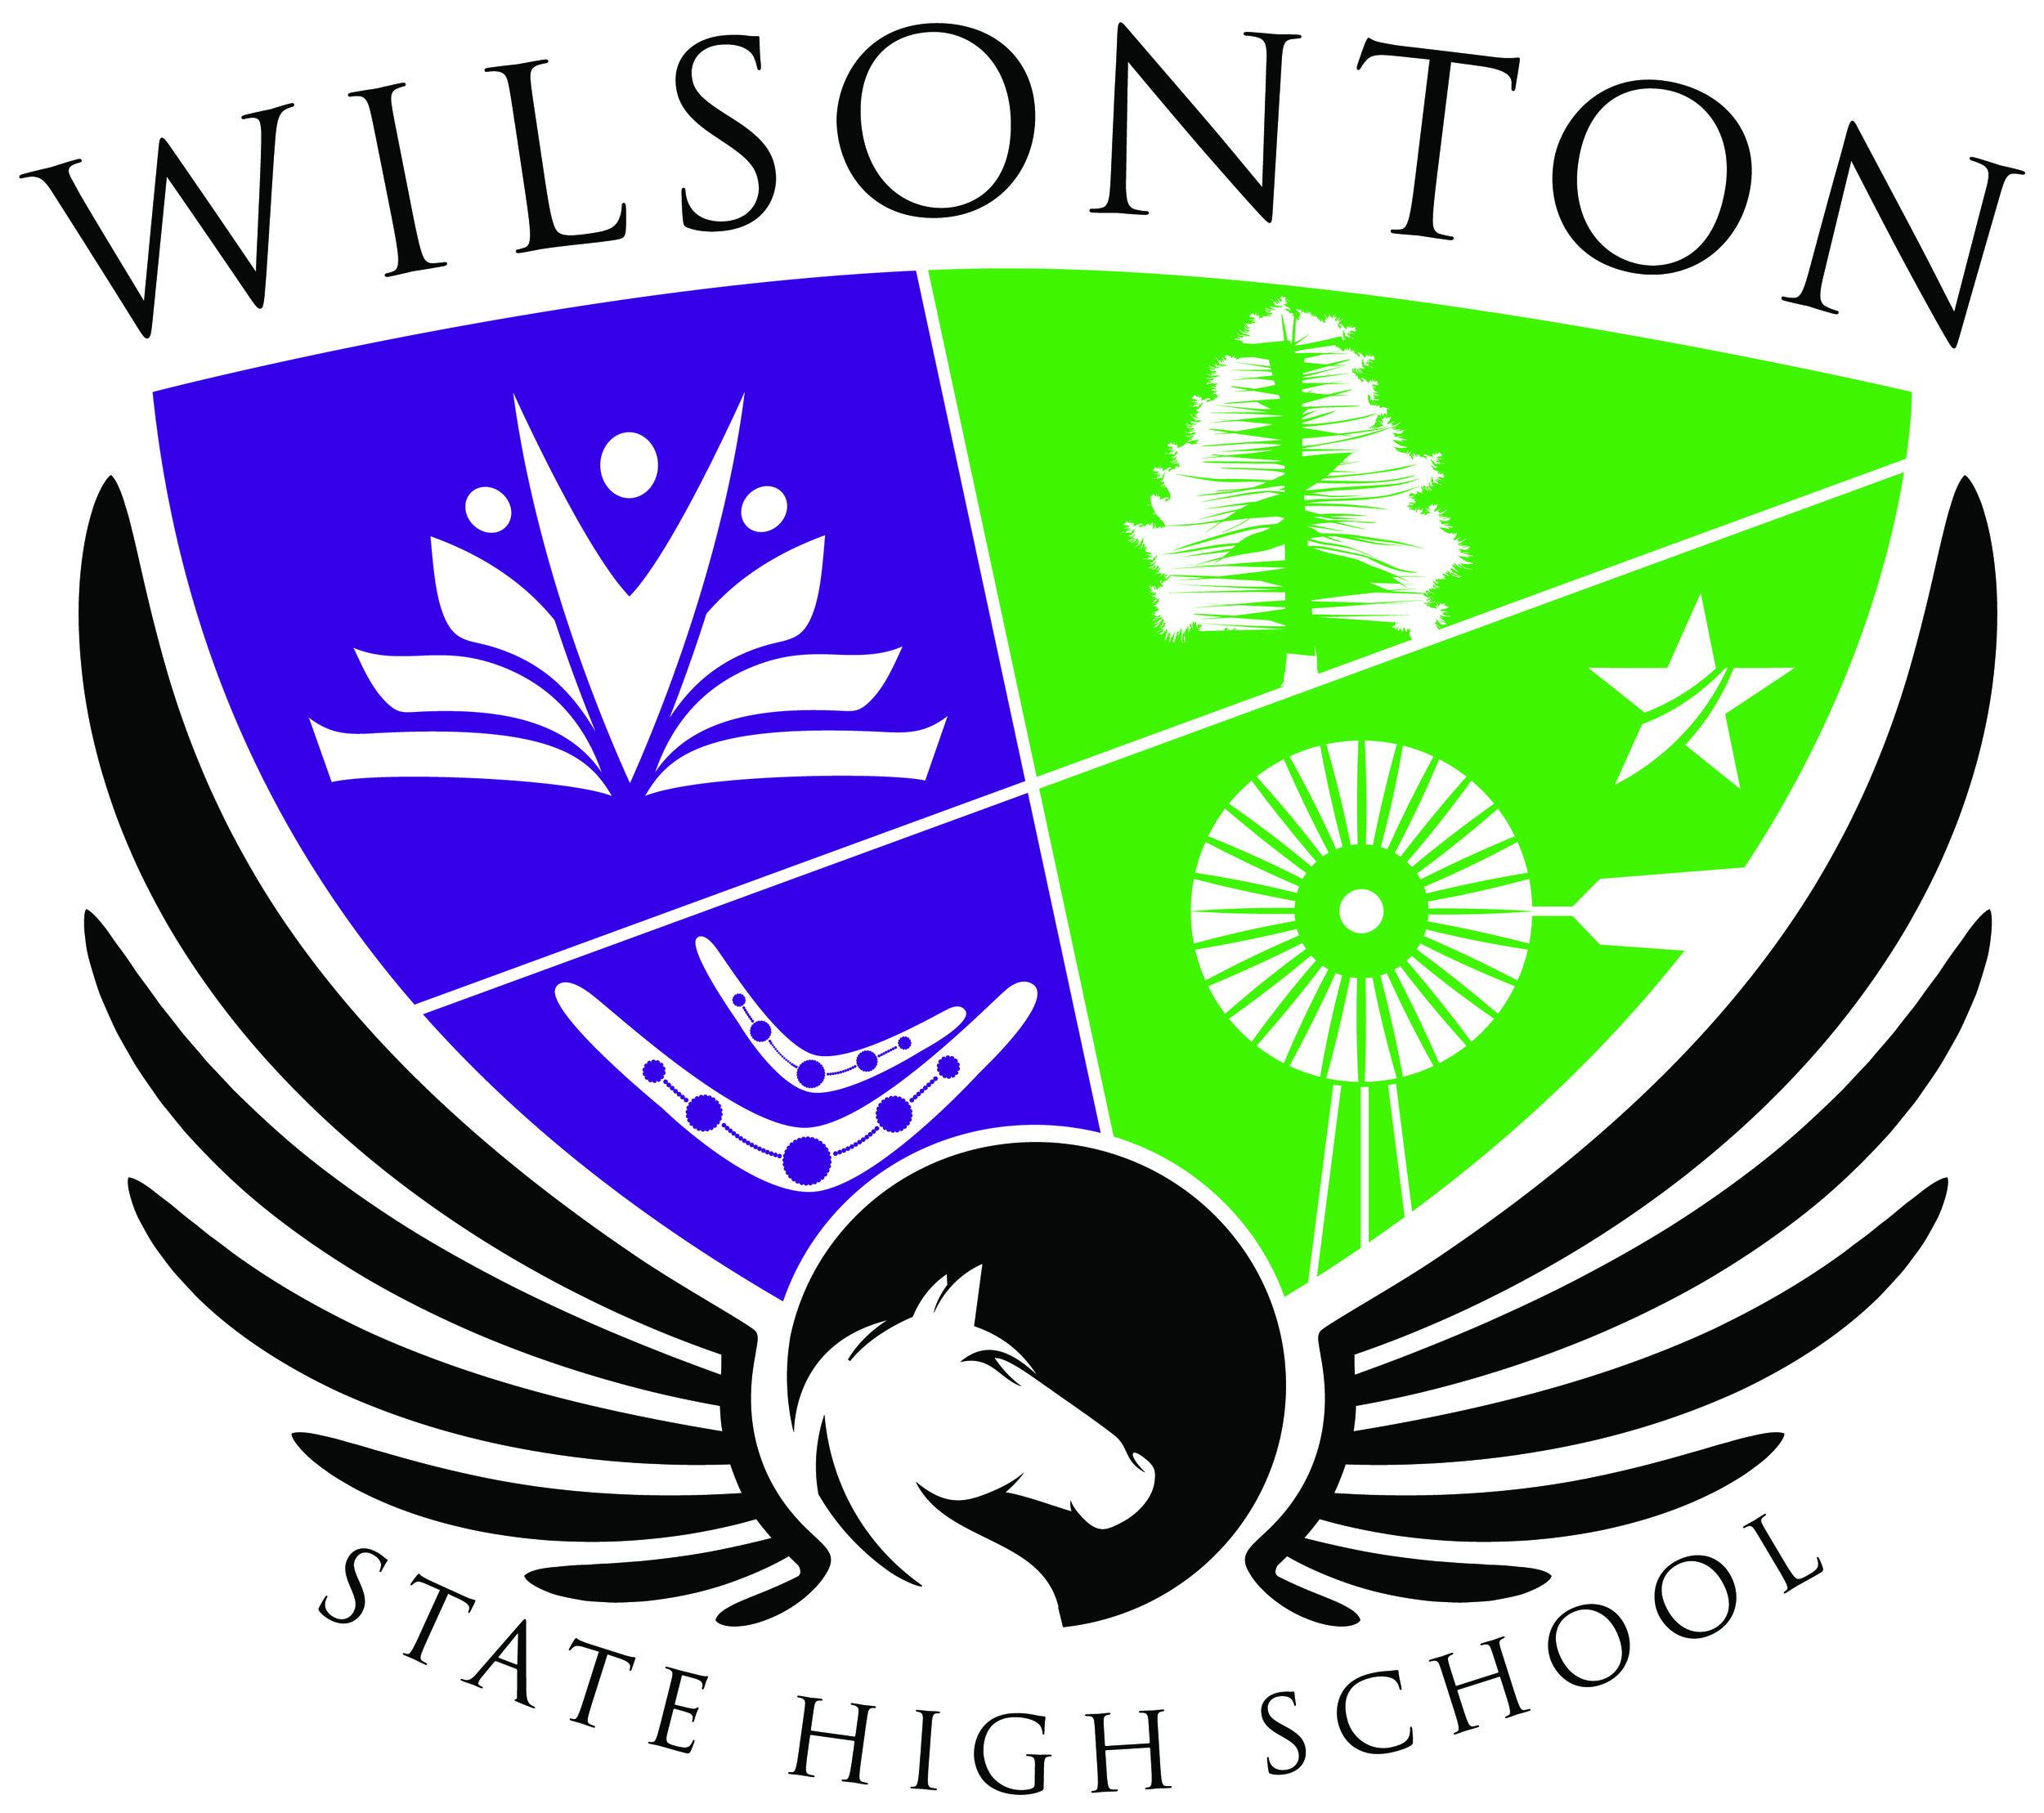 Wilsonton SHS